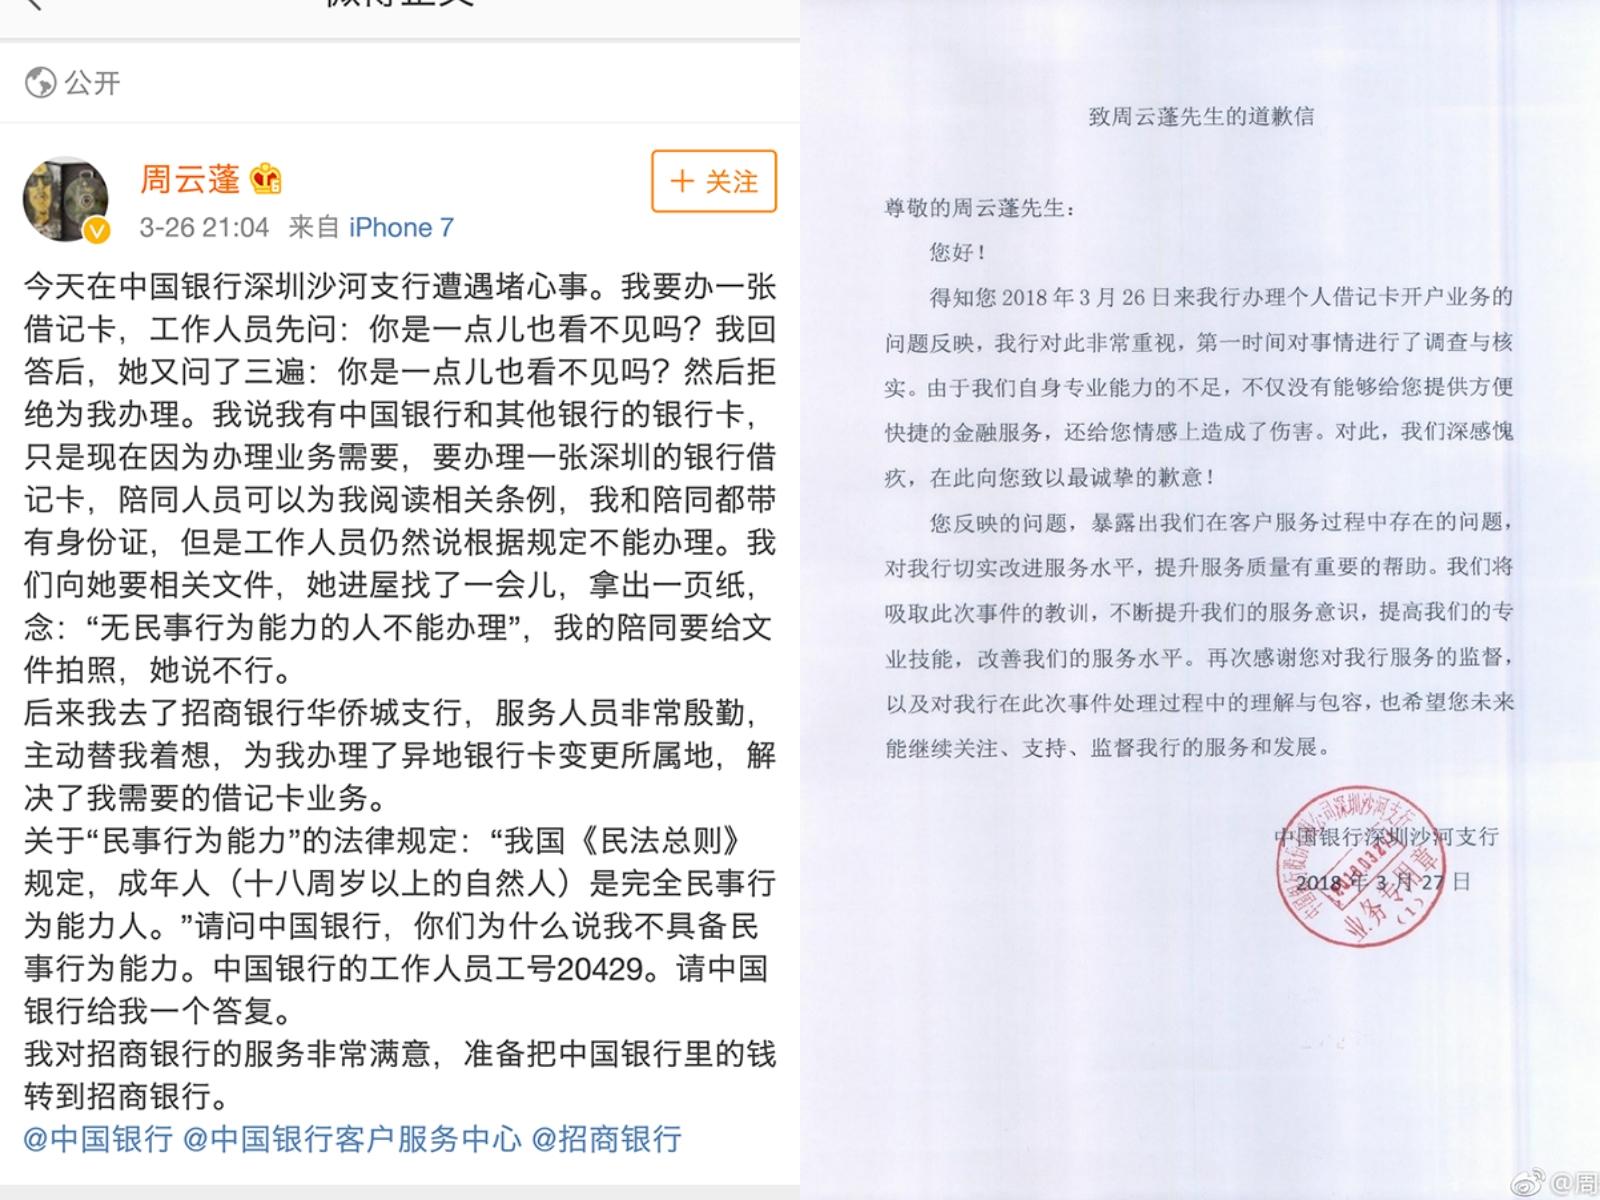 如果歧视的不是周云蓬 中国银行还会认错道歉吗